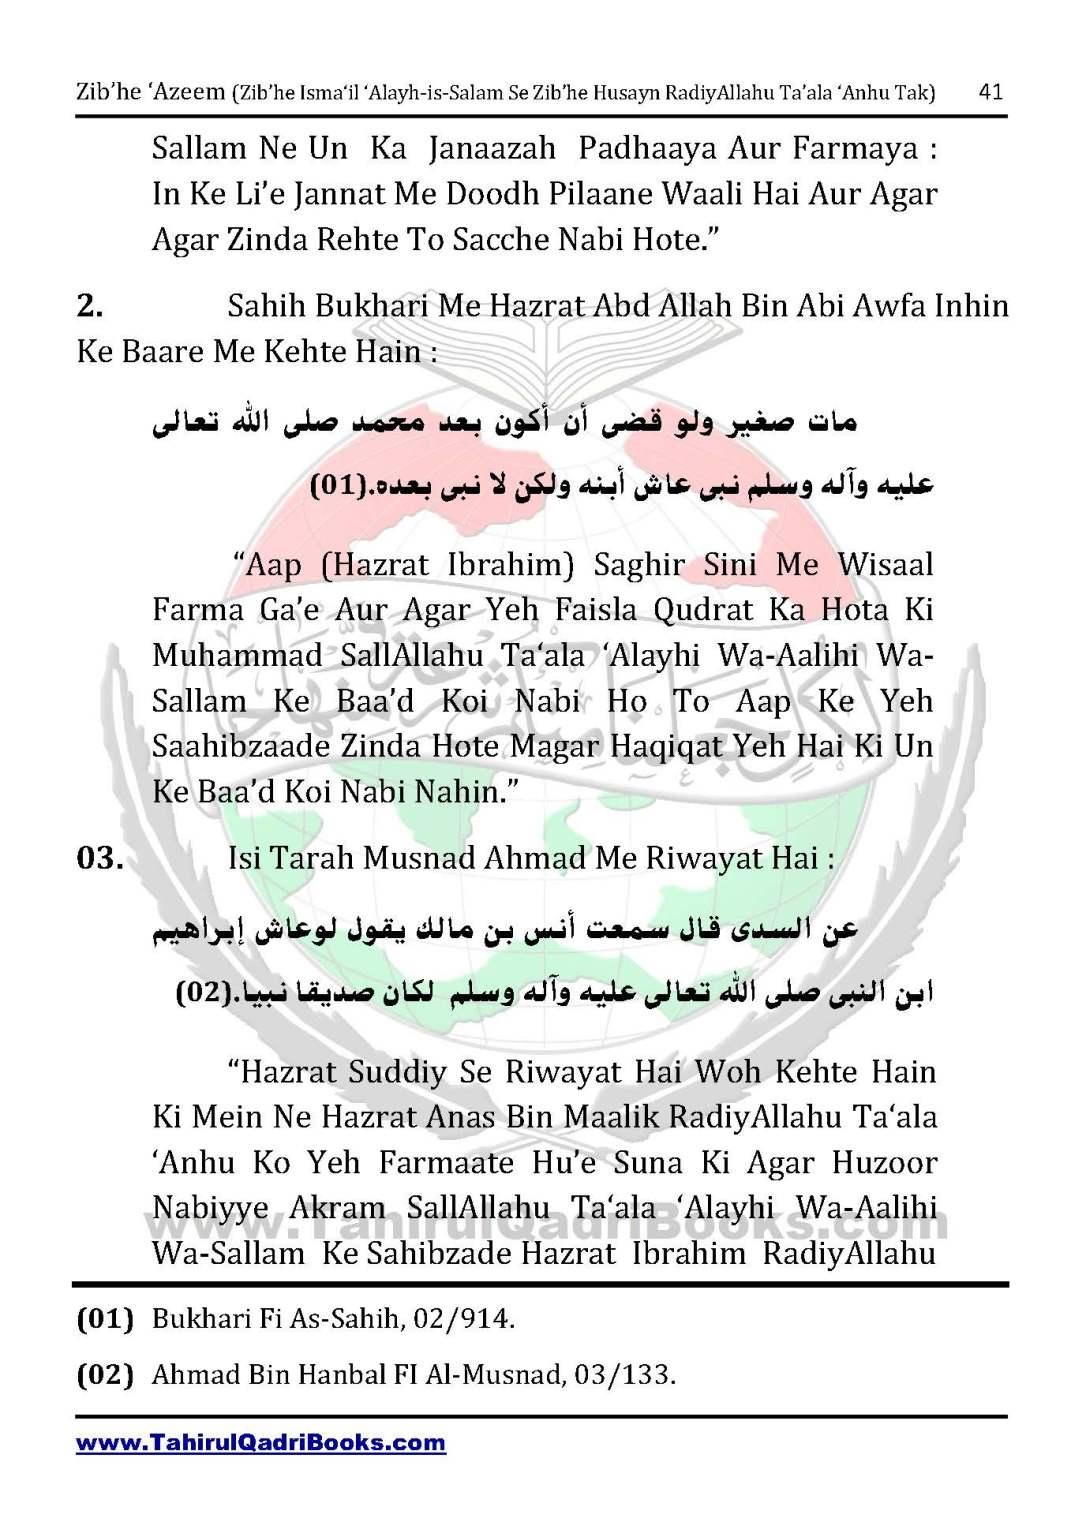 zib_he-e28098azeem-zib_he-ismacabbil-se-zib_he-husayn-tak-in-roman-urdu-unlocked_Page_041